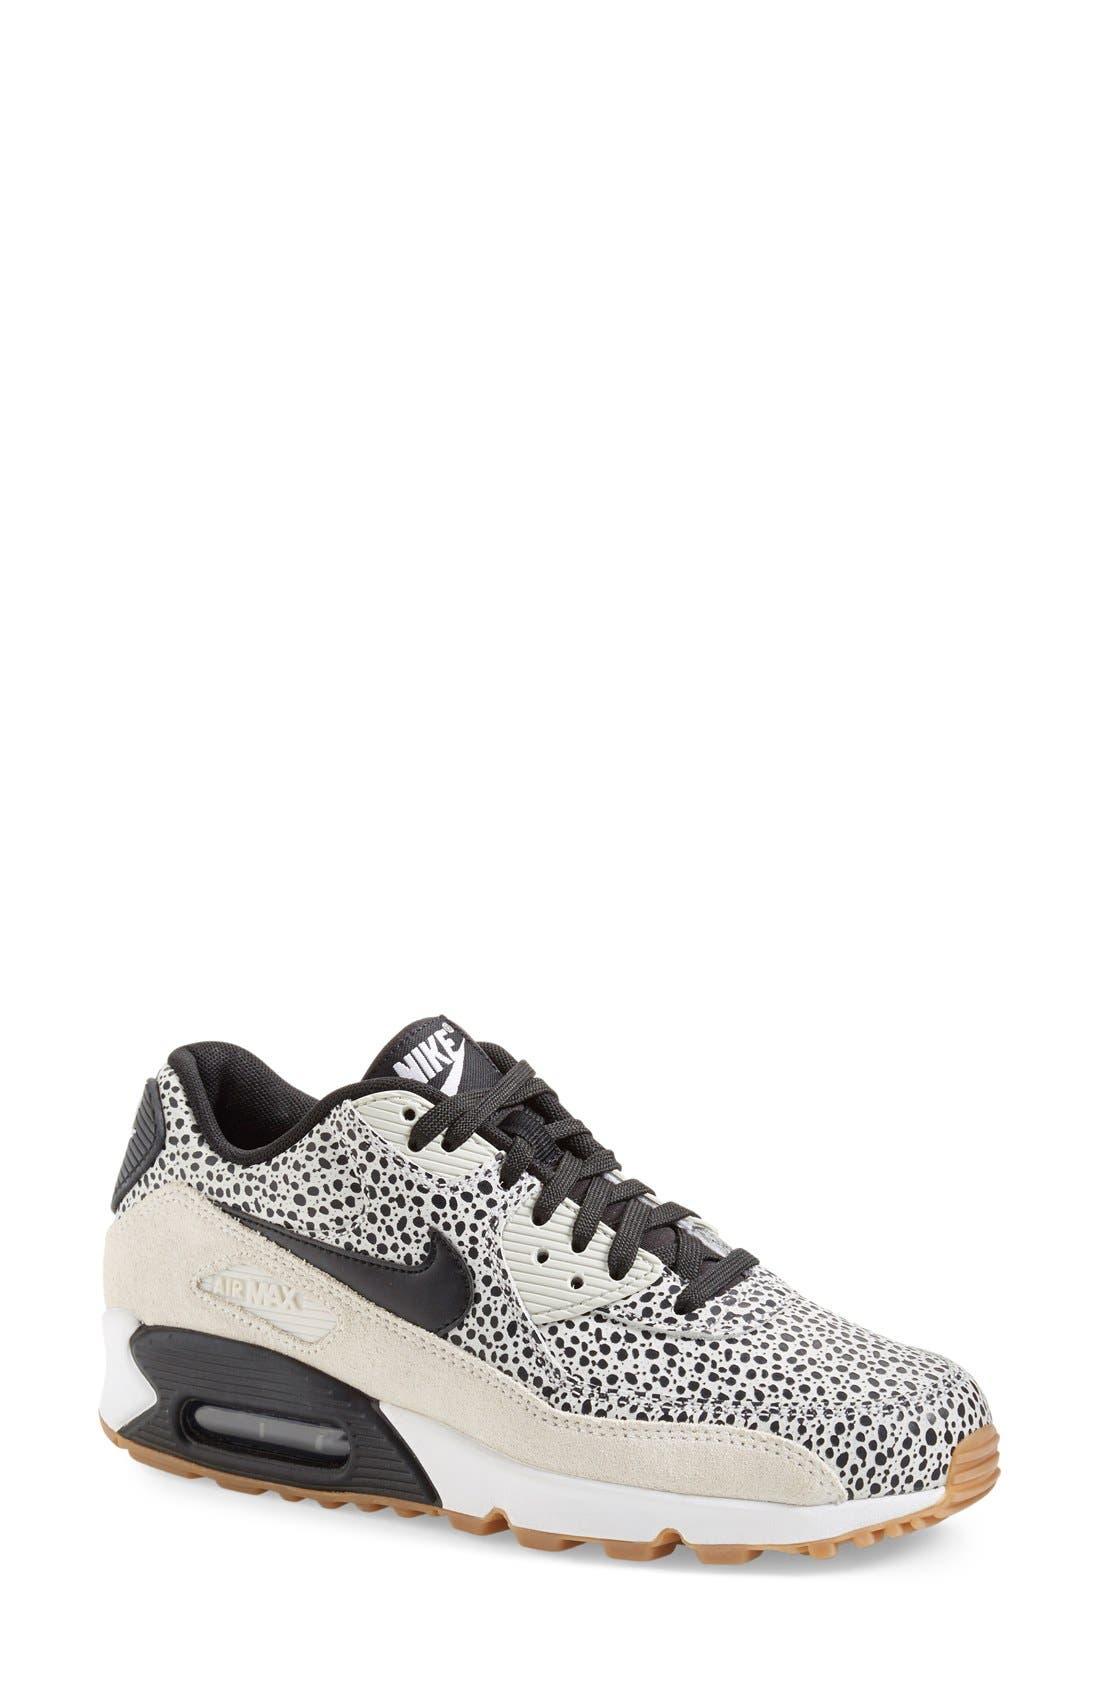 'Air Max 90 - Premium' Sneaker,                         Main,                         color, White/ Black/ Brown